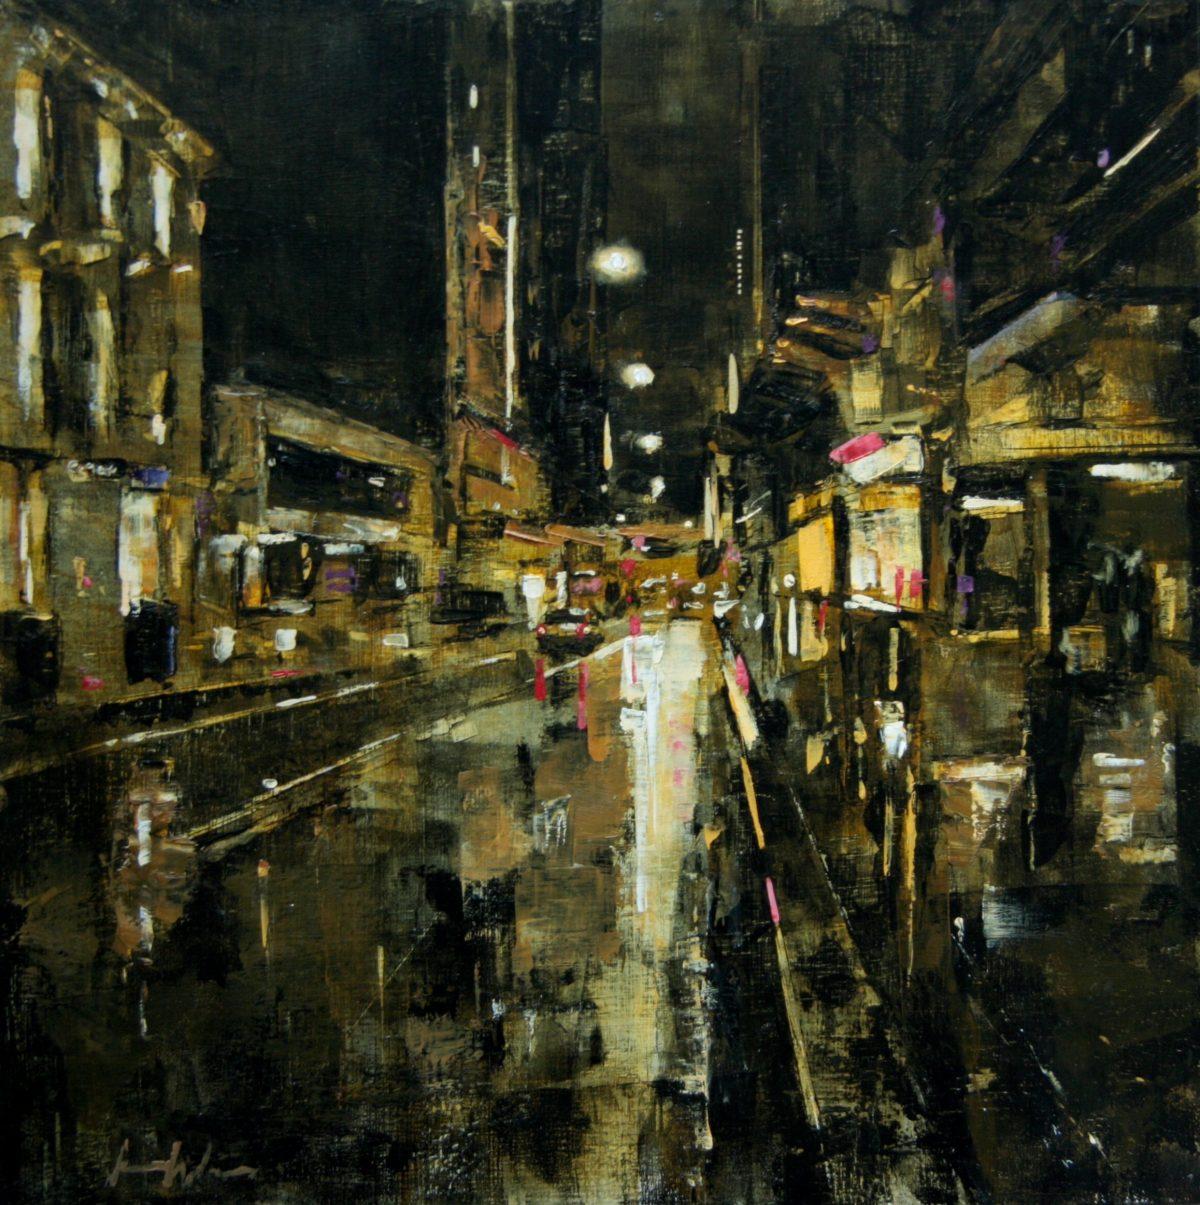 Evening Rain on Castlereagh Street